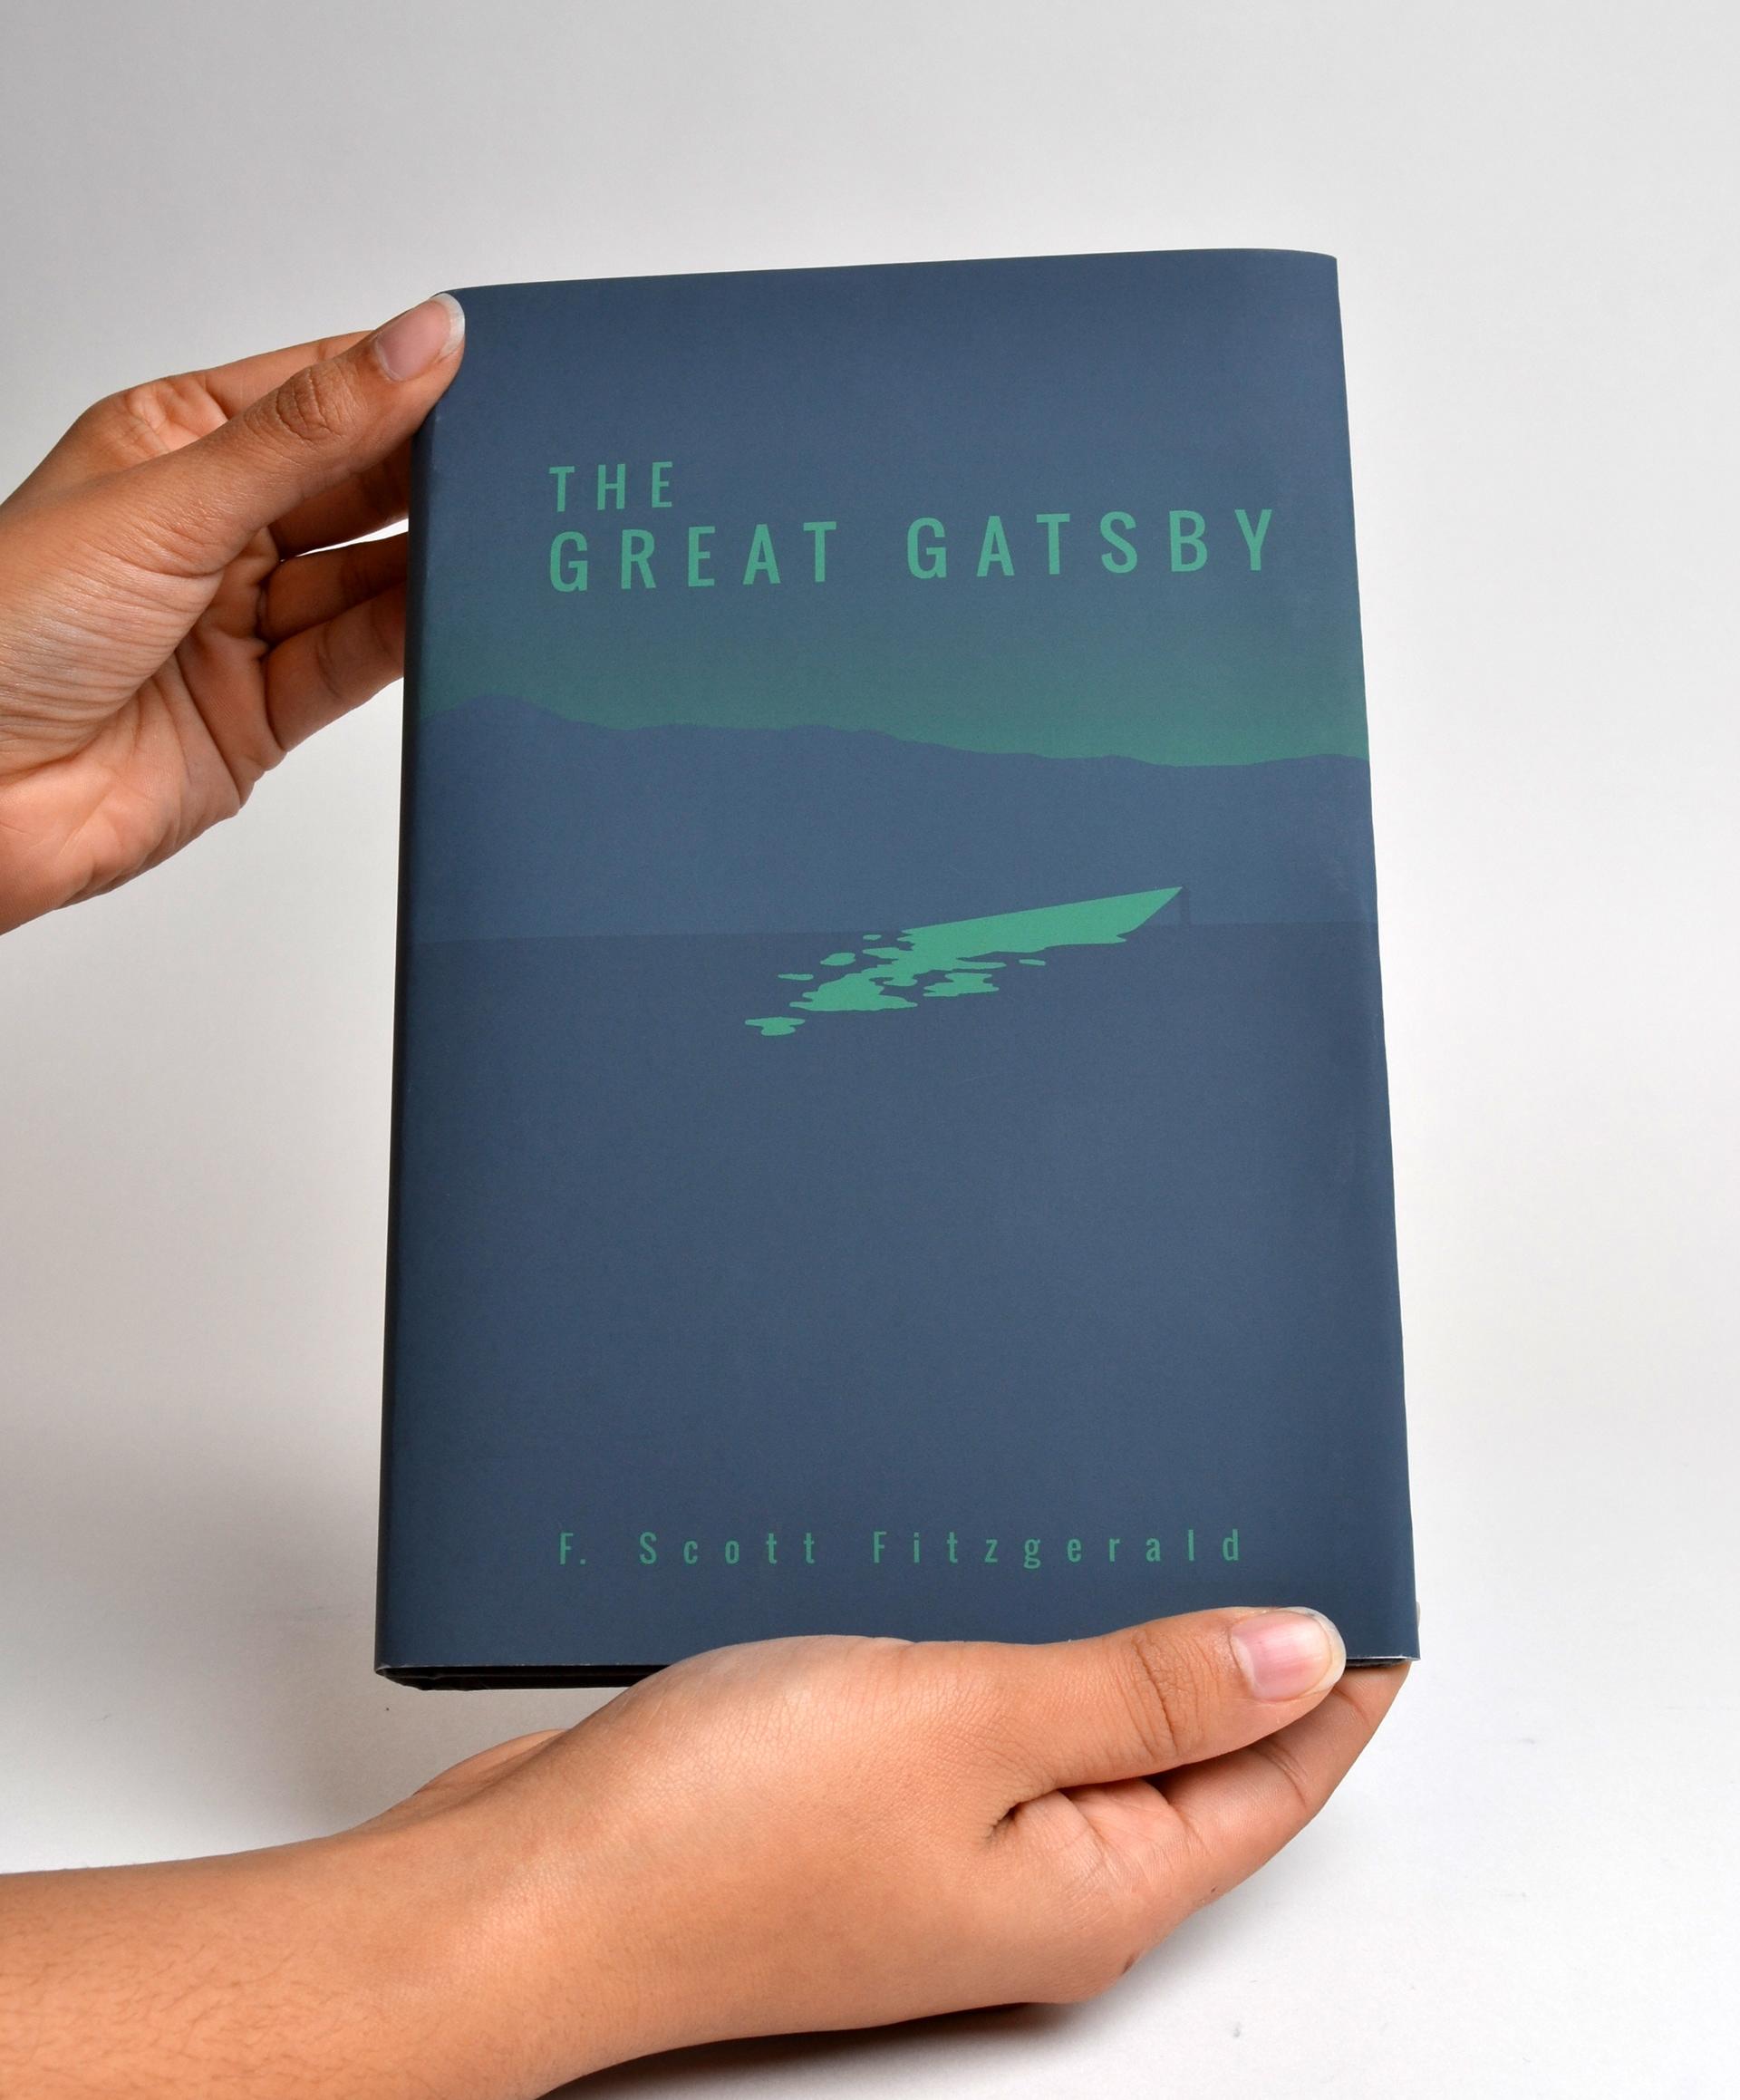 Scherry Van Kirk The Great Gatsby Cover Redesign